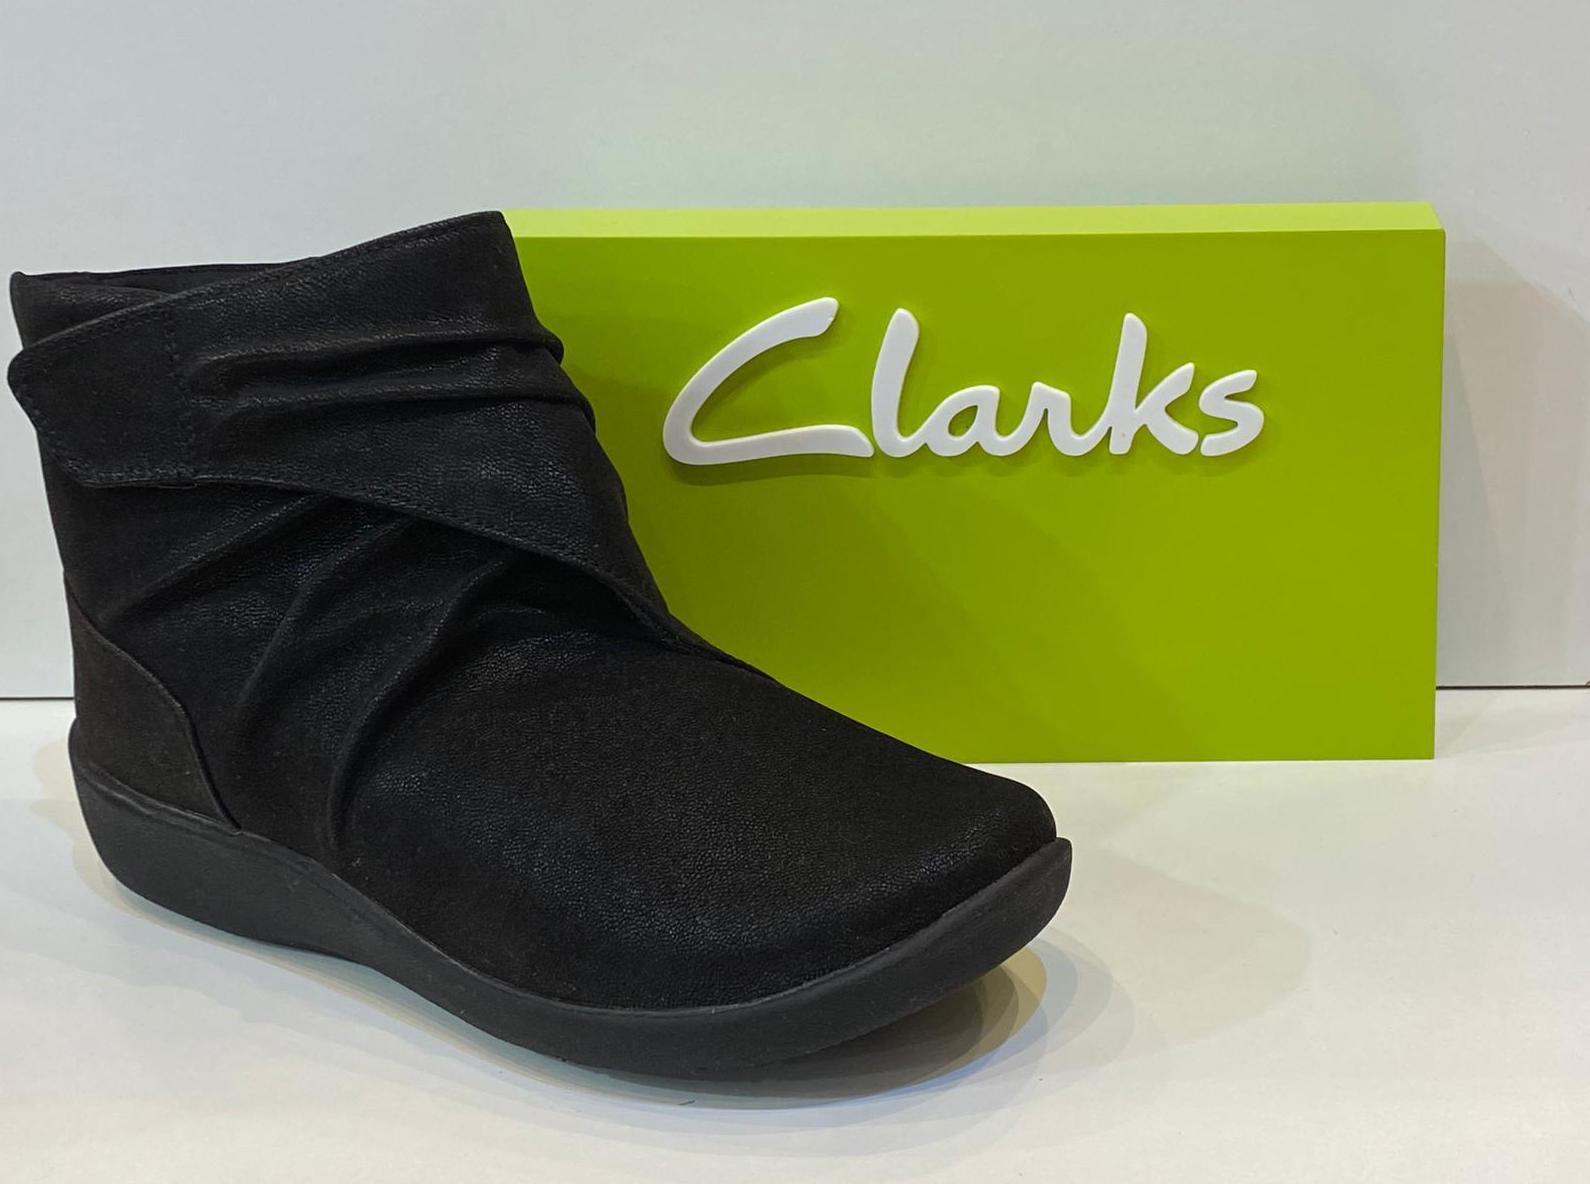 Botí de dona, de la marca Clarks, de roba de teflón, escup l'aigua, sola de resalite i plantilla de viscoelàstica, adaptable a plantilles ortopèdiques, extremadament còmodes 79.95€